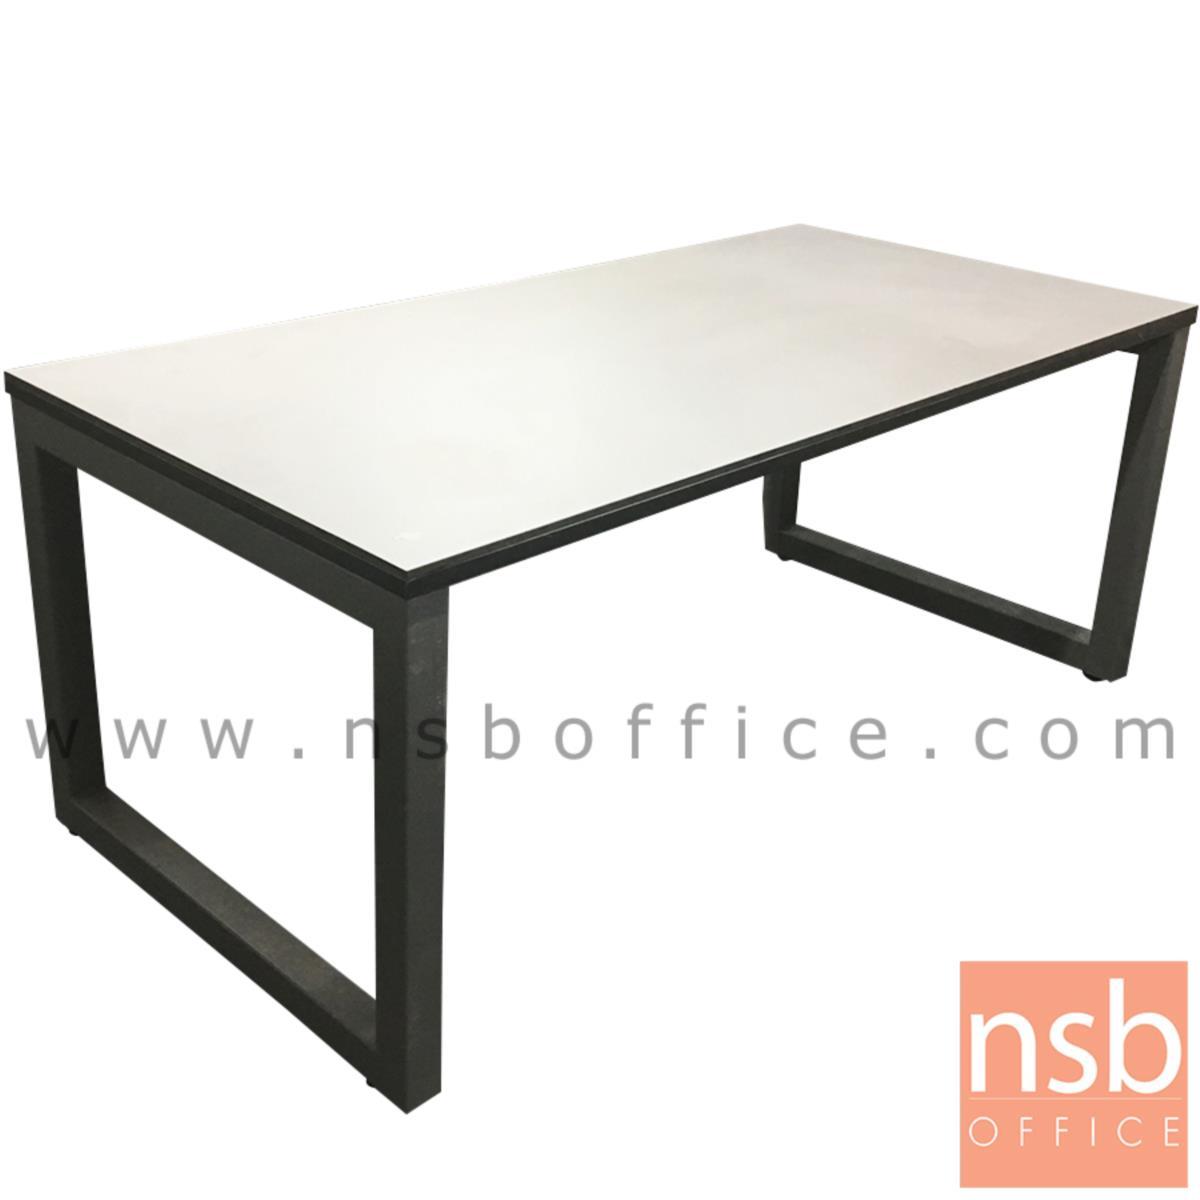 โต๊ะประชุมทรงสี่เหลี่ยม   ขนาด 200W cm. ขาเหล็กเหลี่ยมใหญ่